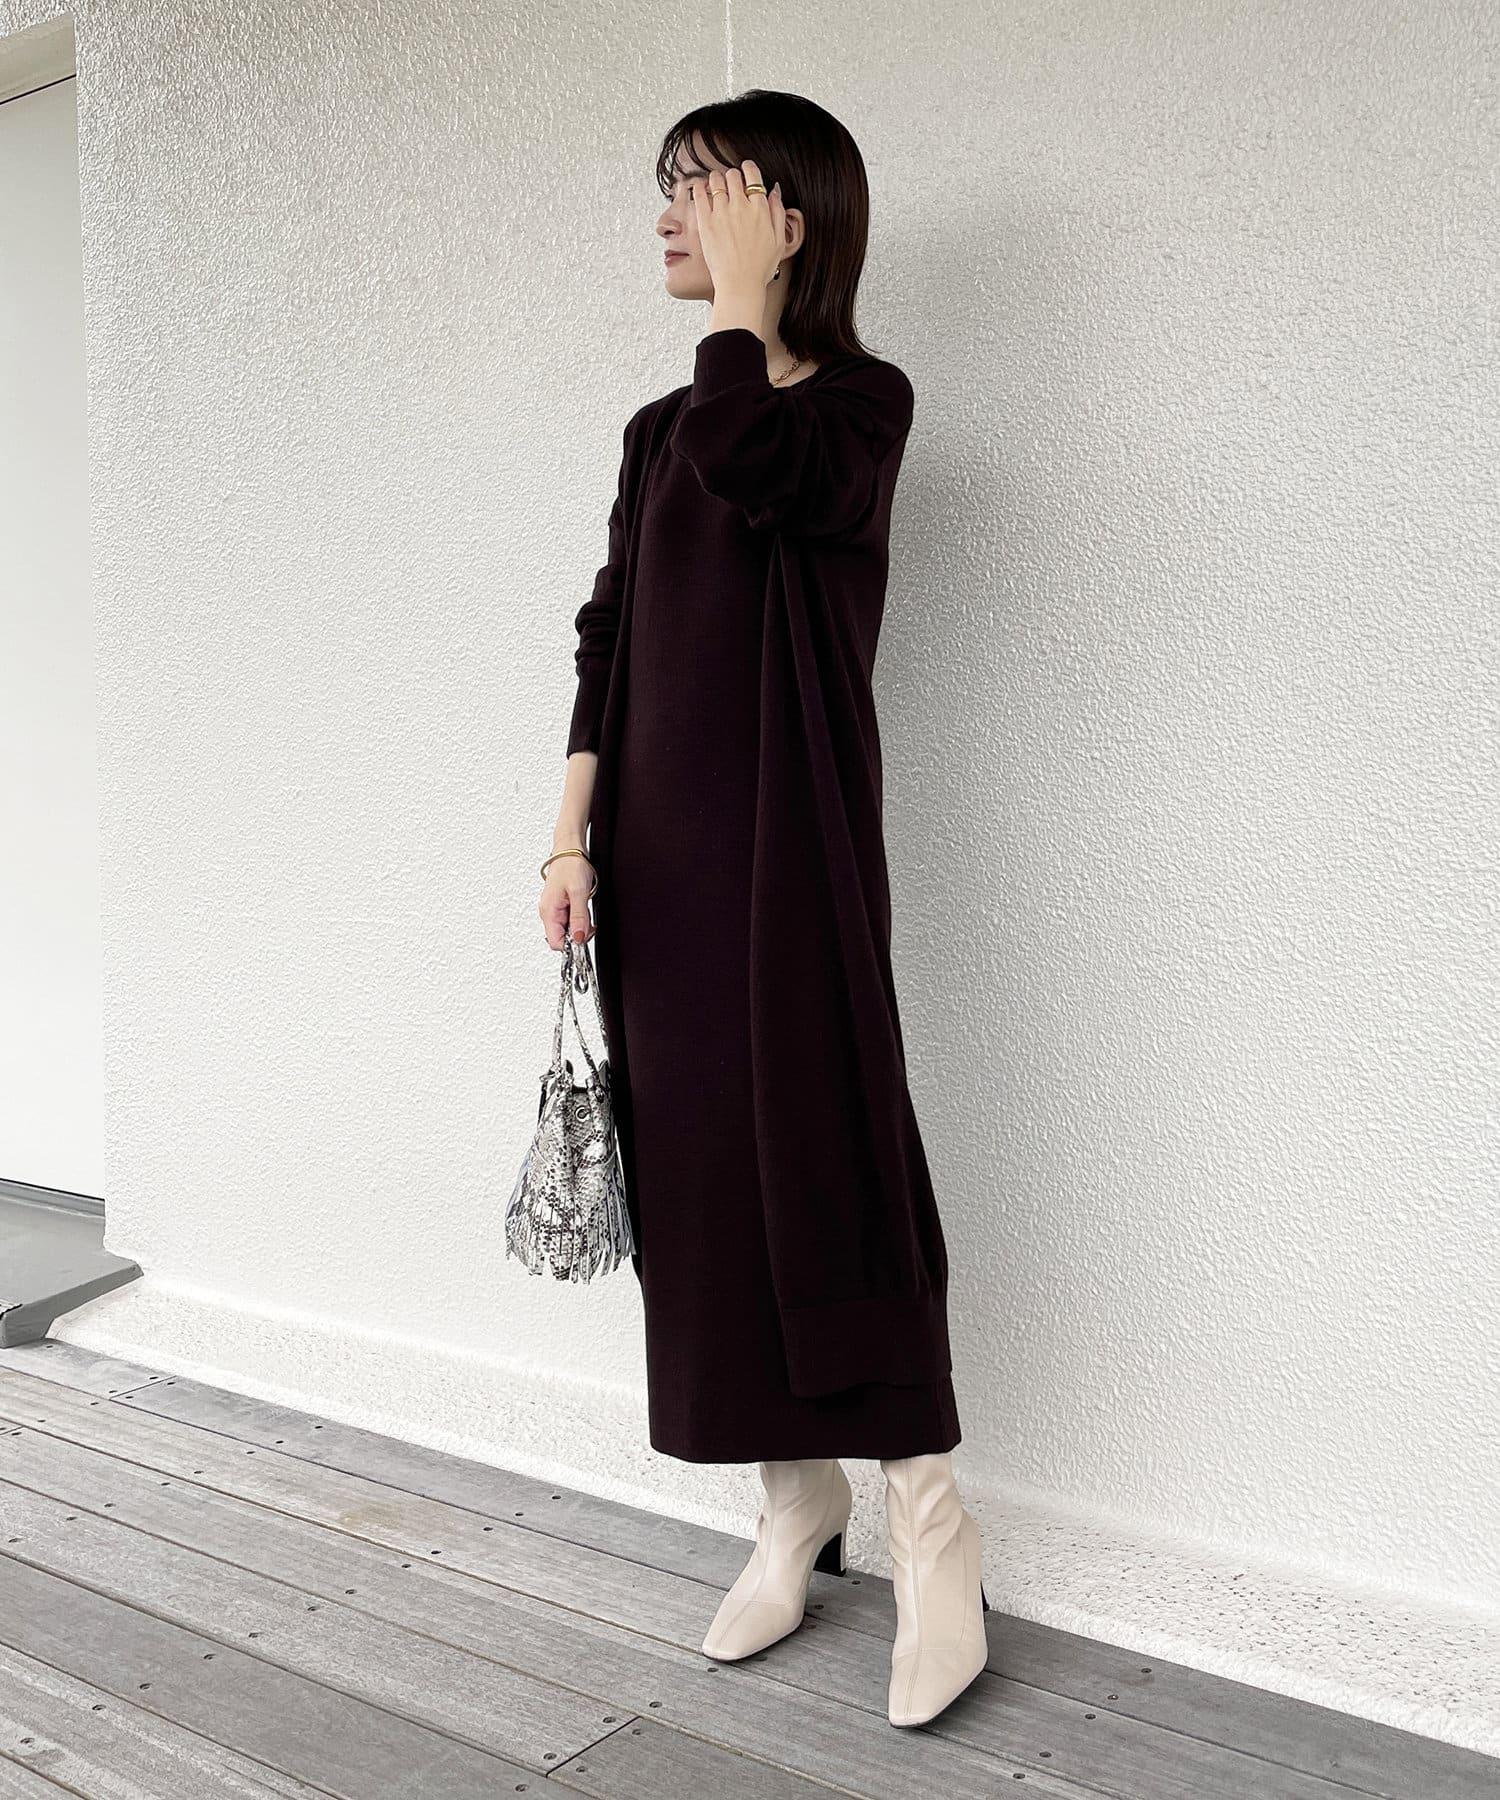 Loungedress(ラウンジドレス) 【odore/オドル】アンゴラニットセットワンピース